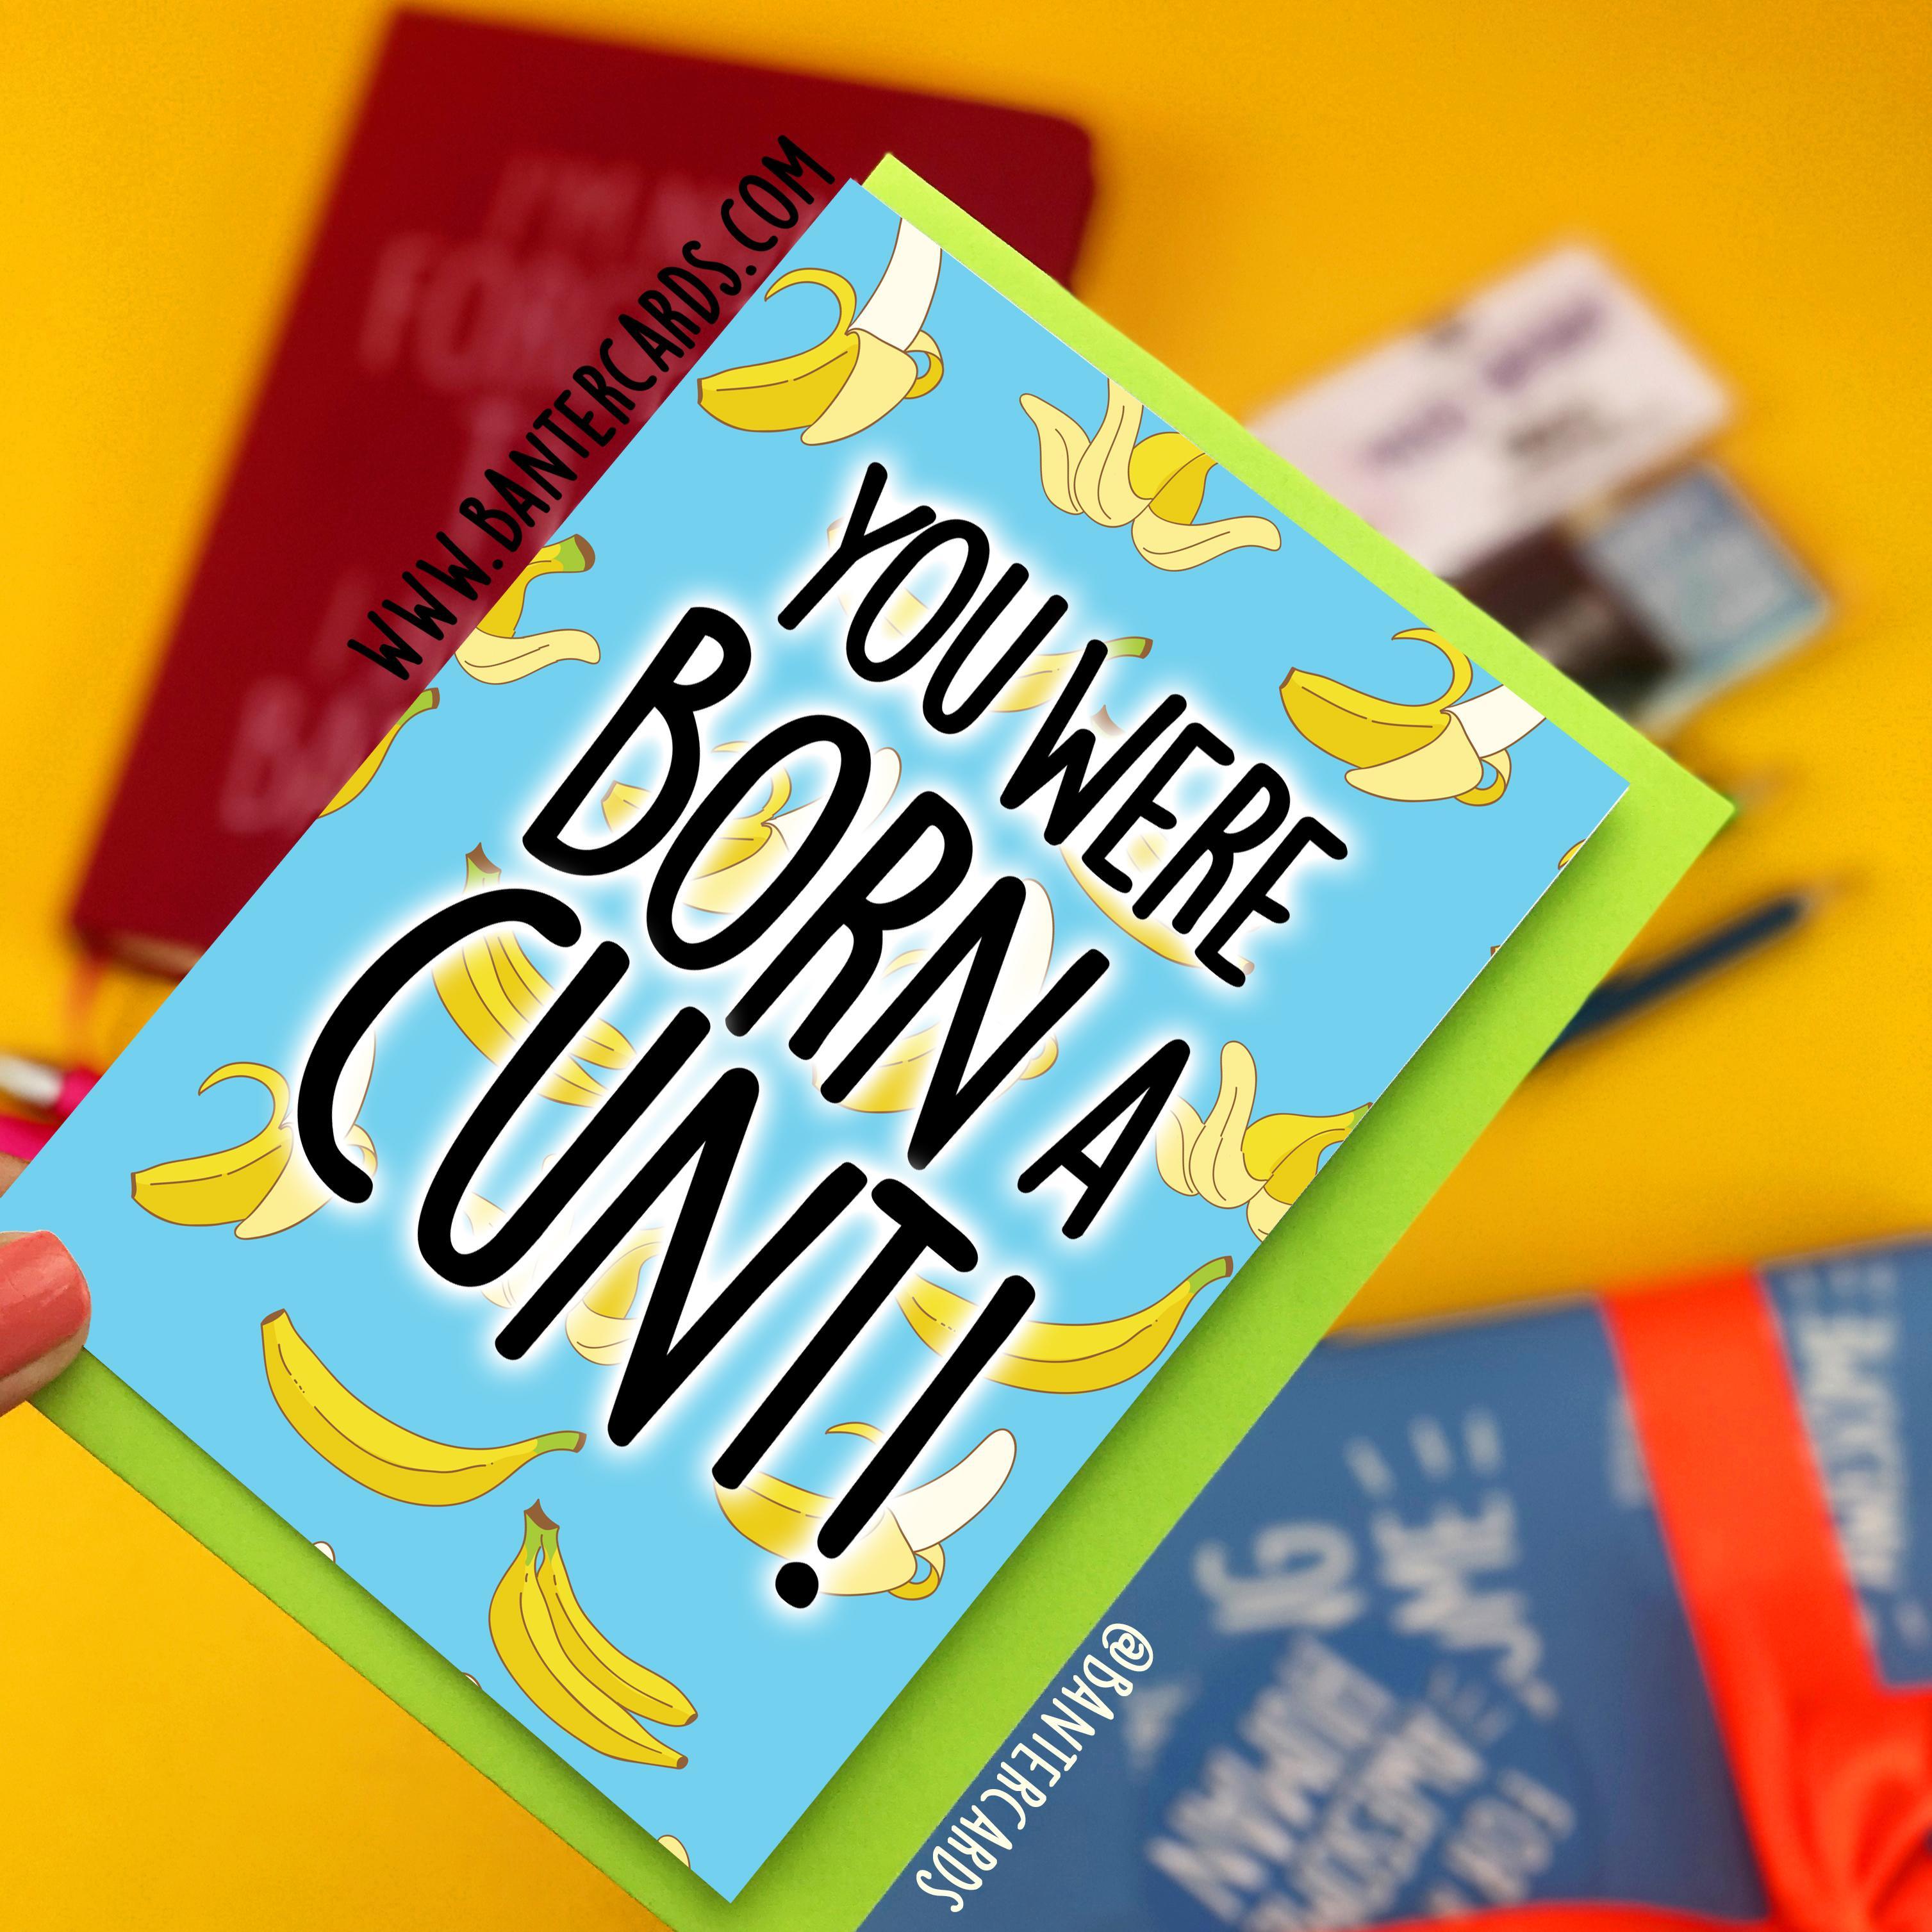 YOU WERE BORN A CUNT